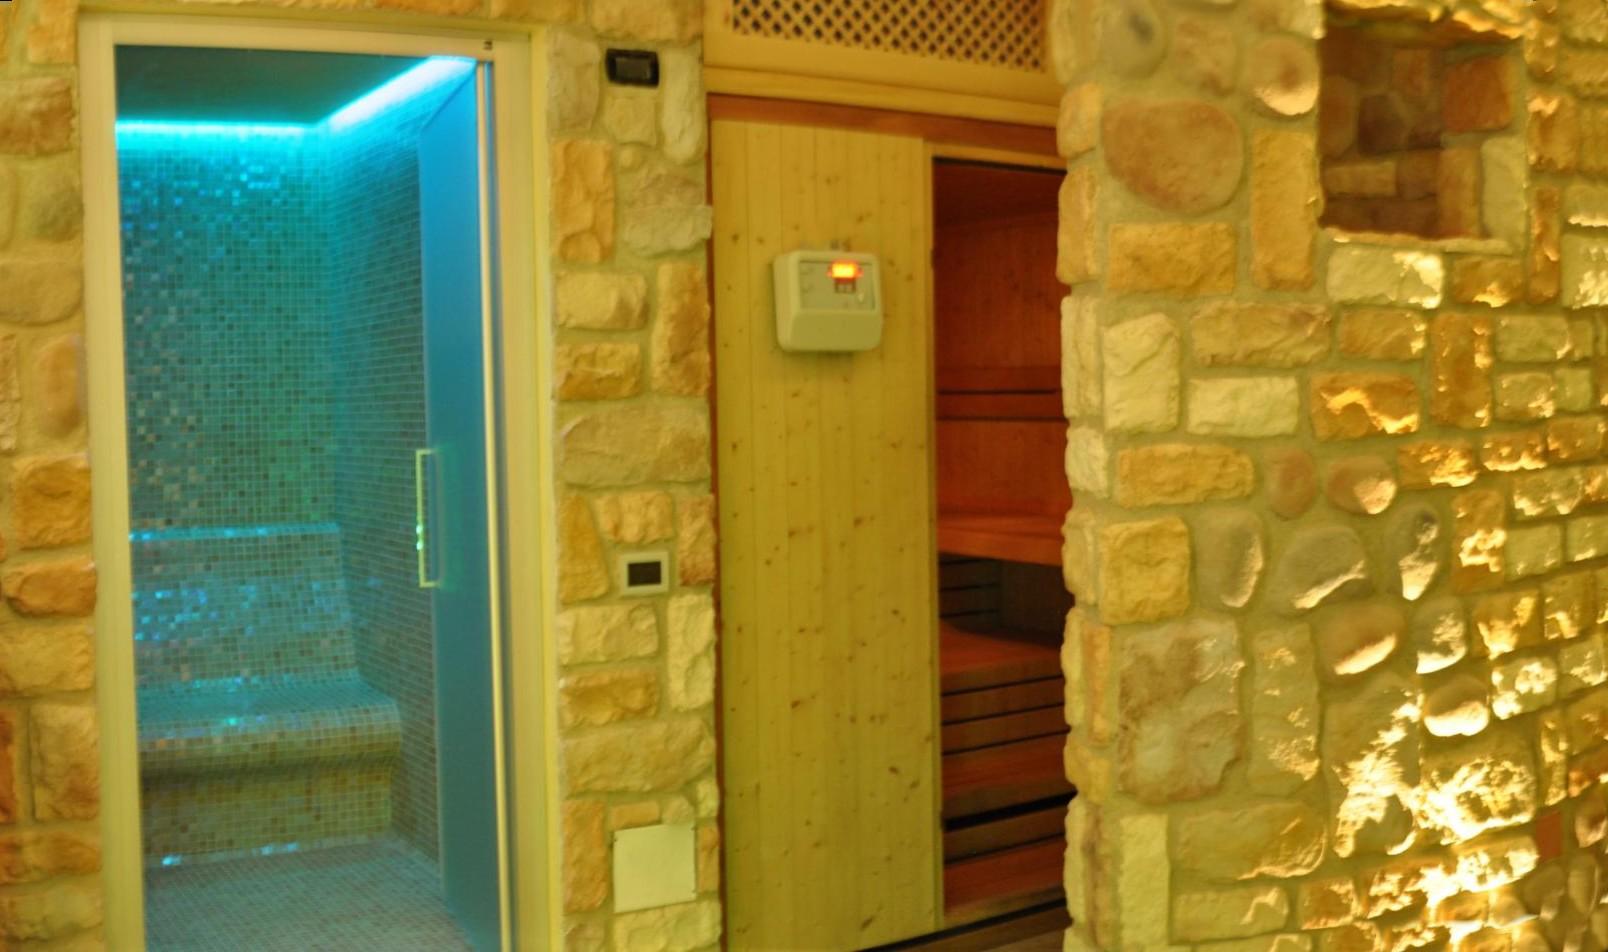 Costo bagno turco in casa. progettare bagno turco in casa porta